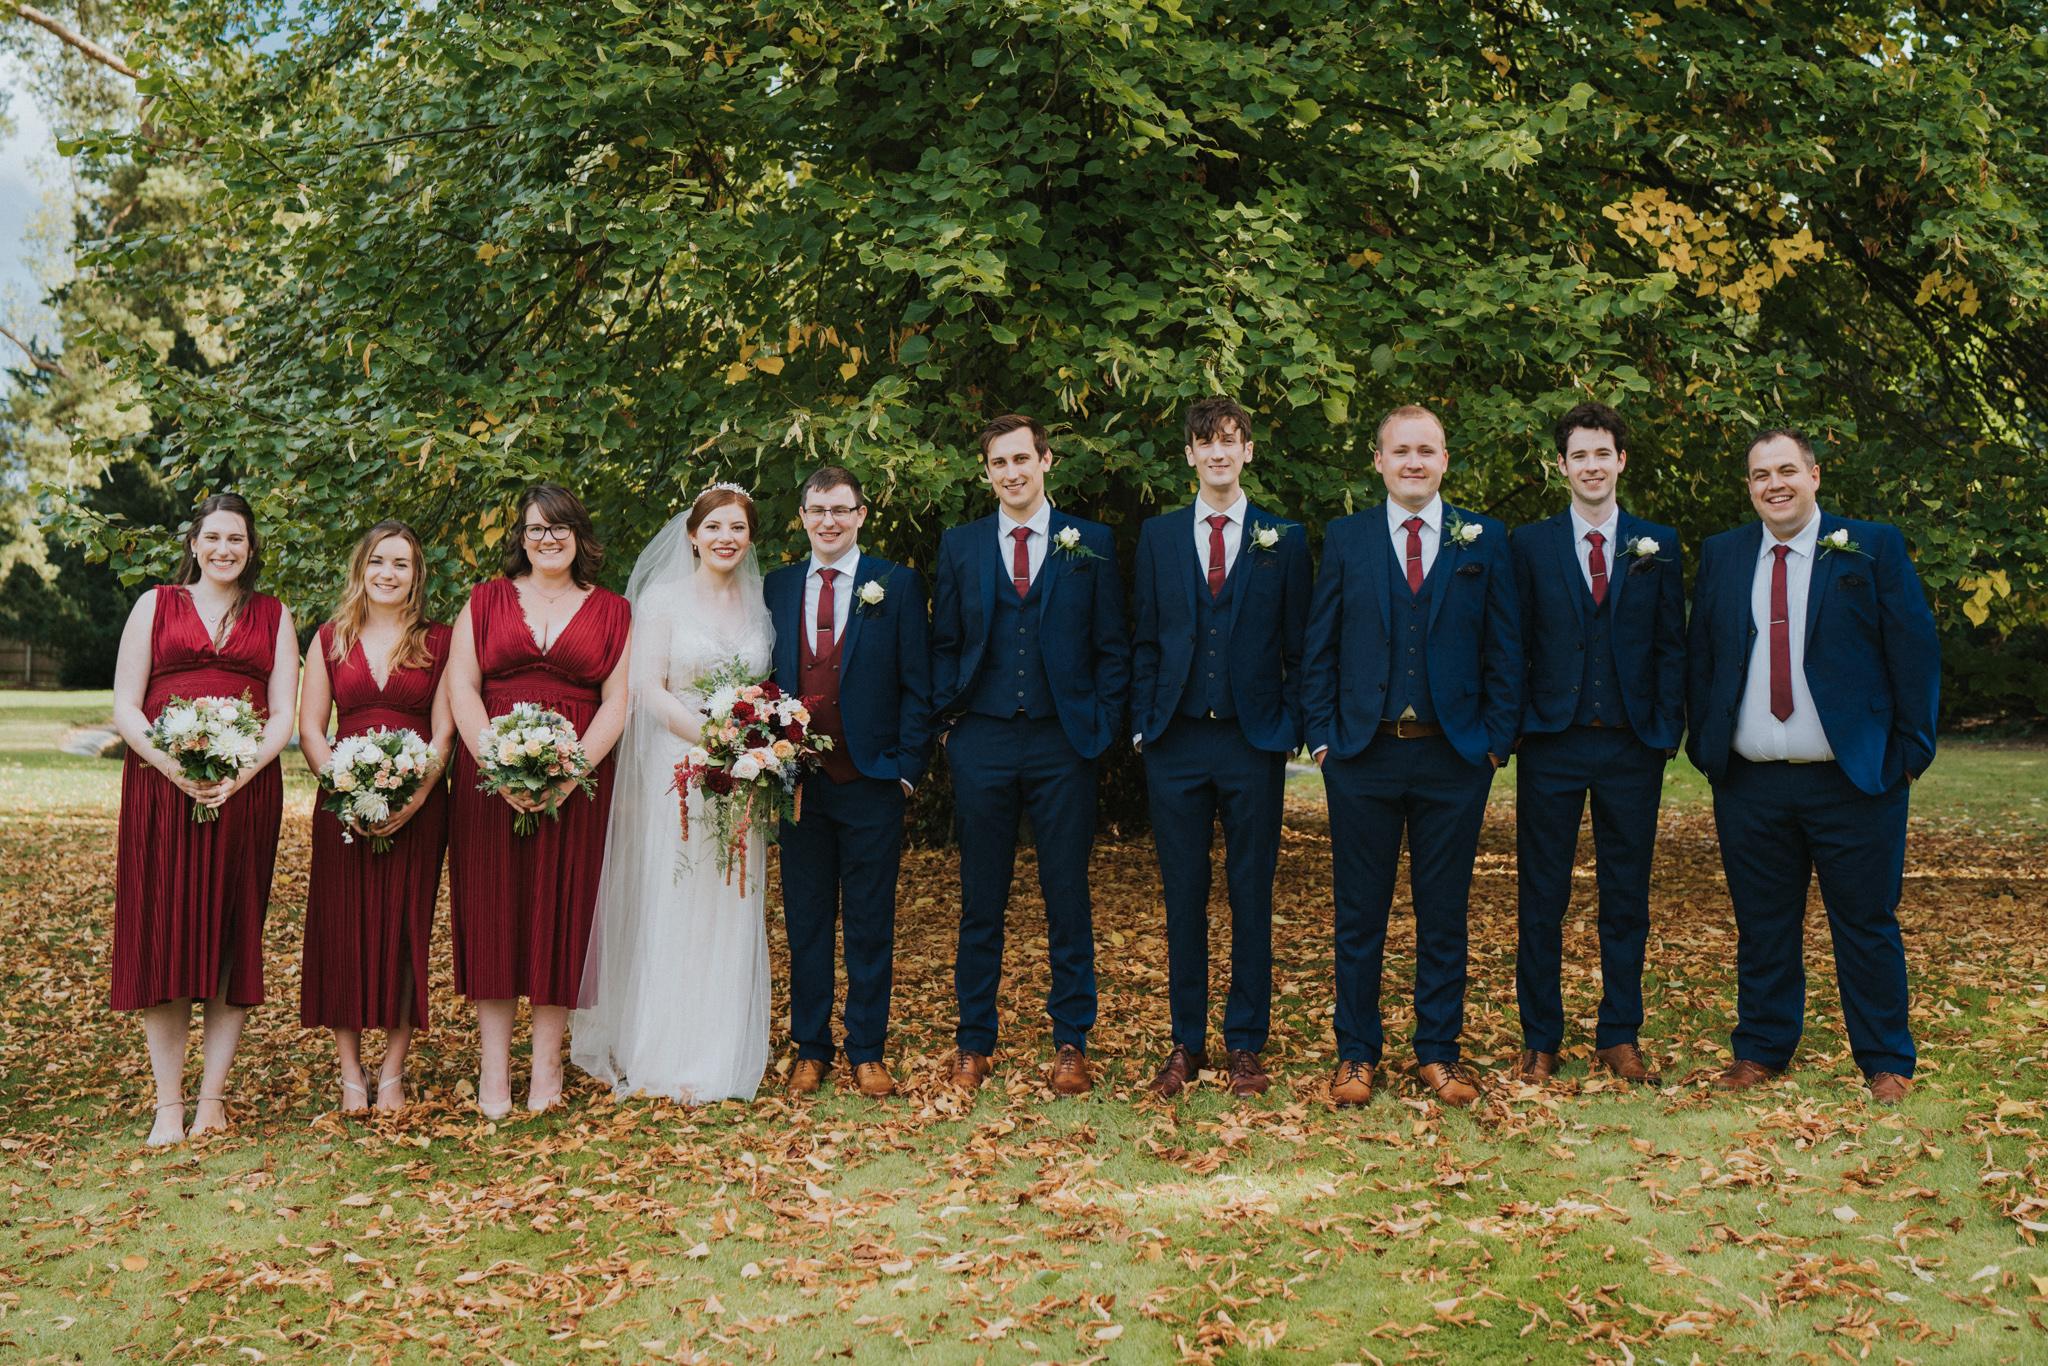 philippa-mark-holmewood-hall-peterborough-grace-elizabeth-colchester-essex-norfolk-devon-suffolk-alternative-wedding-photographer (41 of 62).jpg